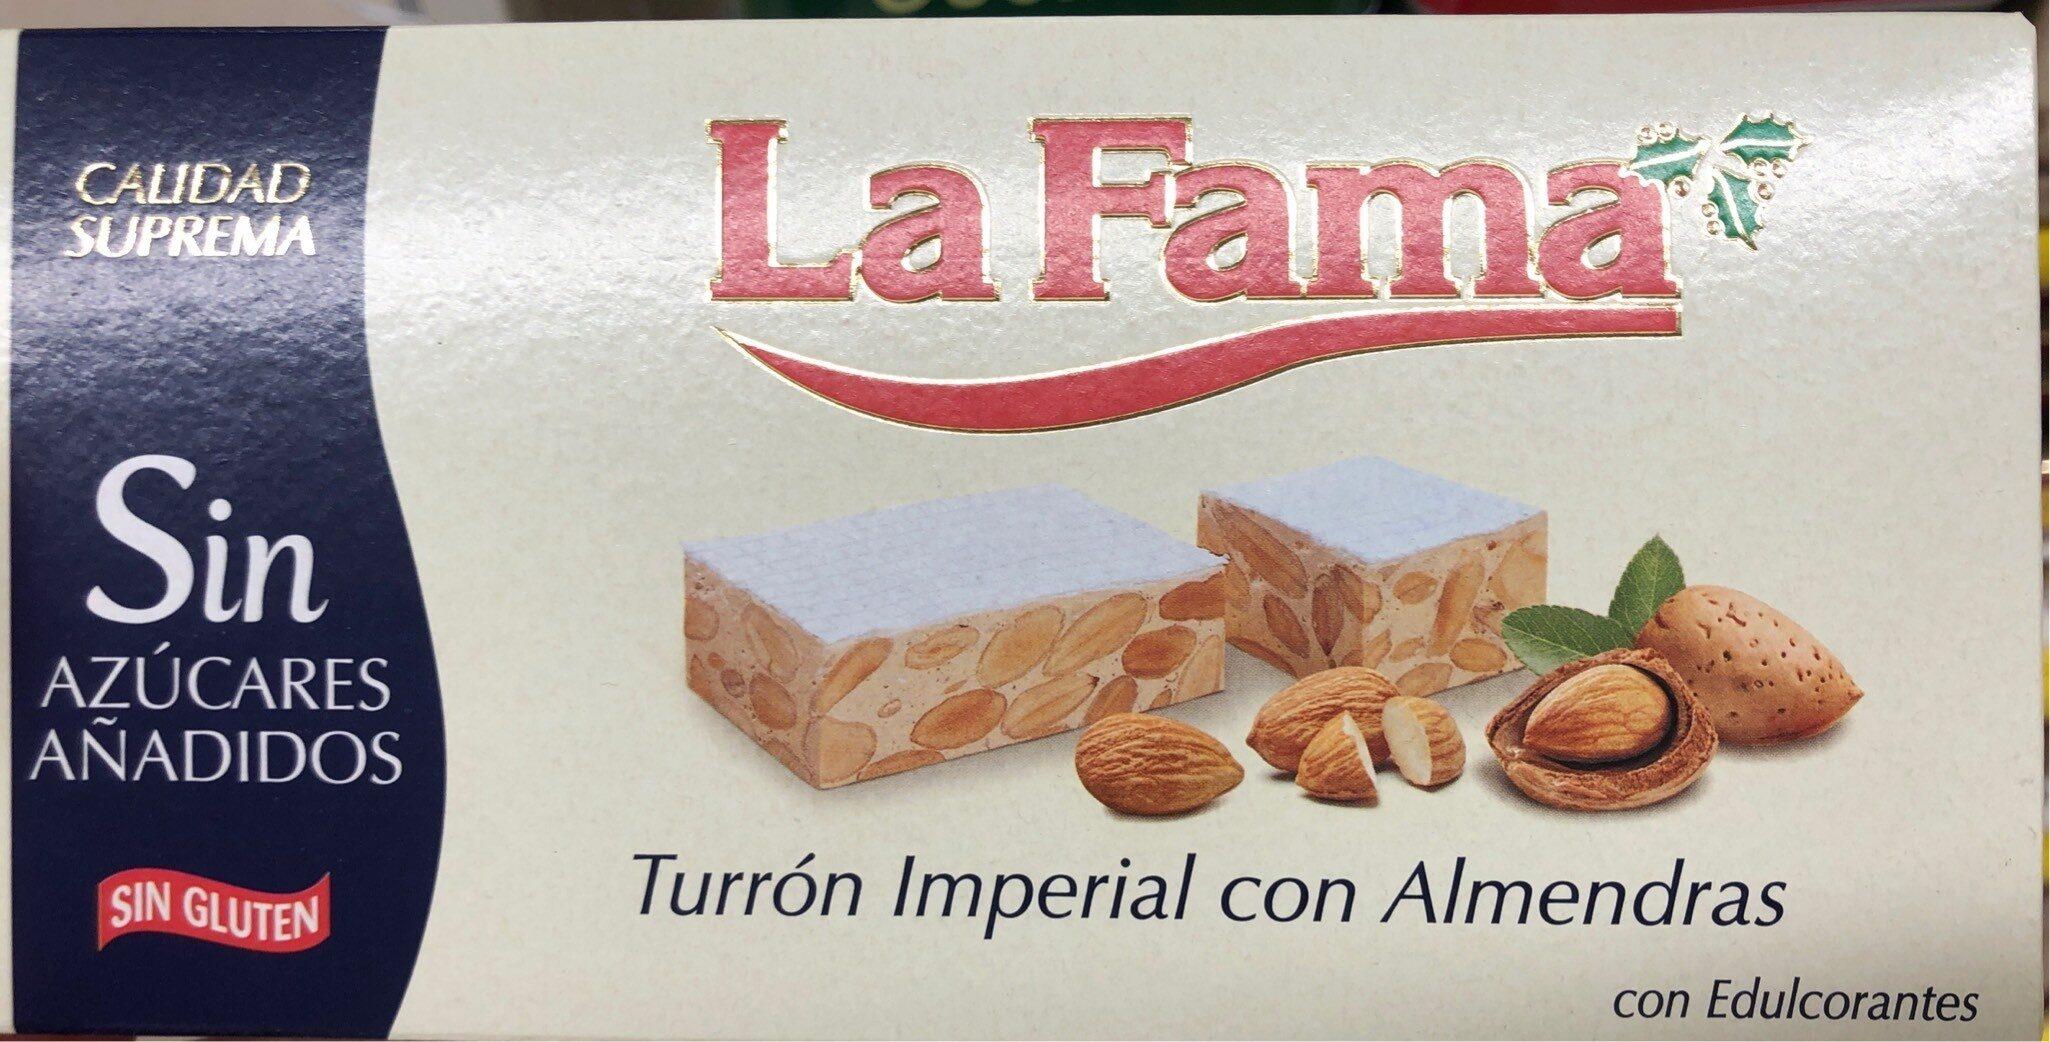 Turrón imperial con almendras - Product - es